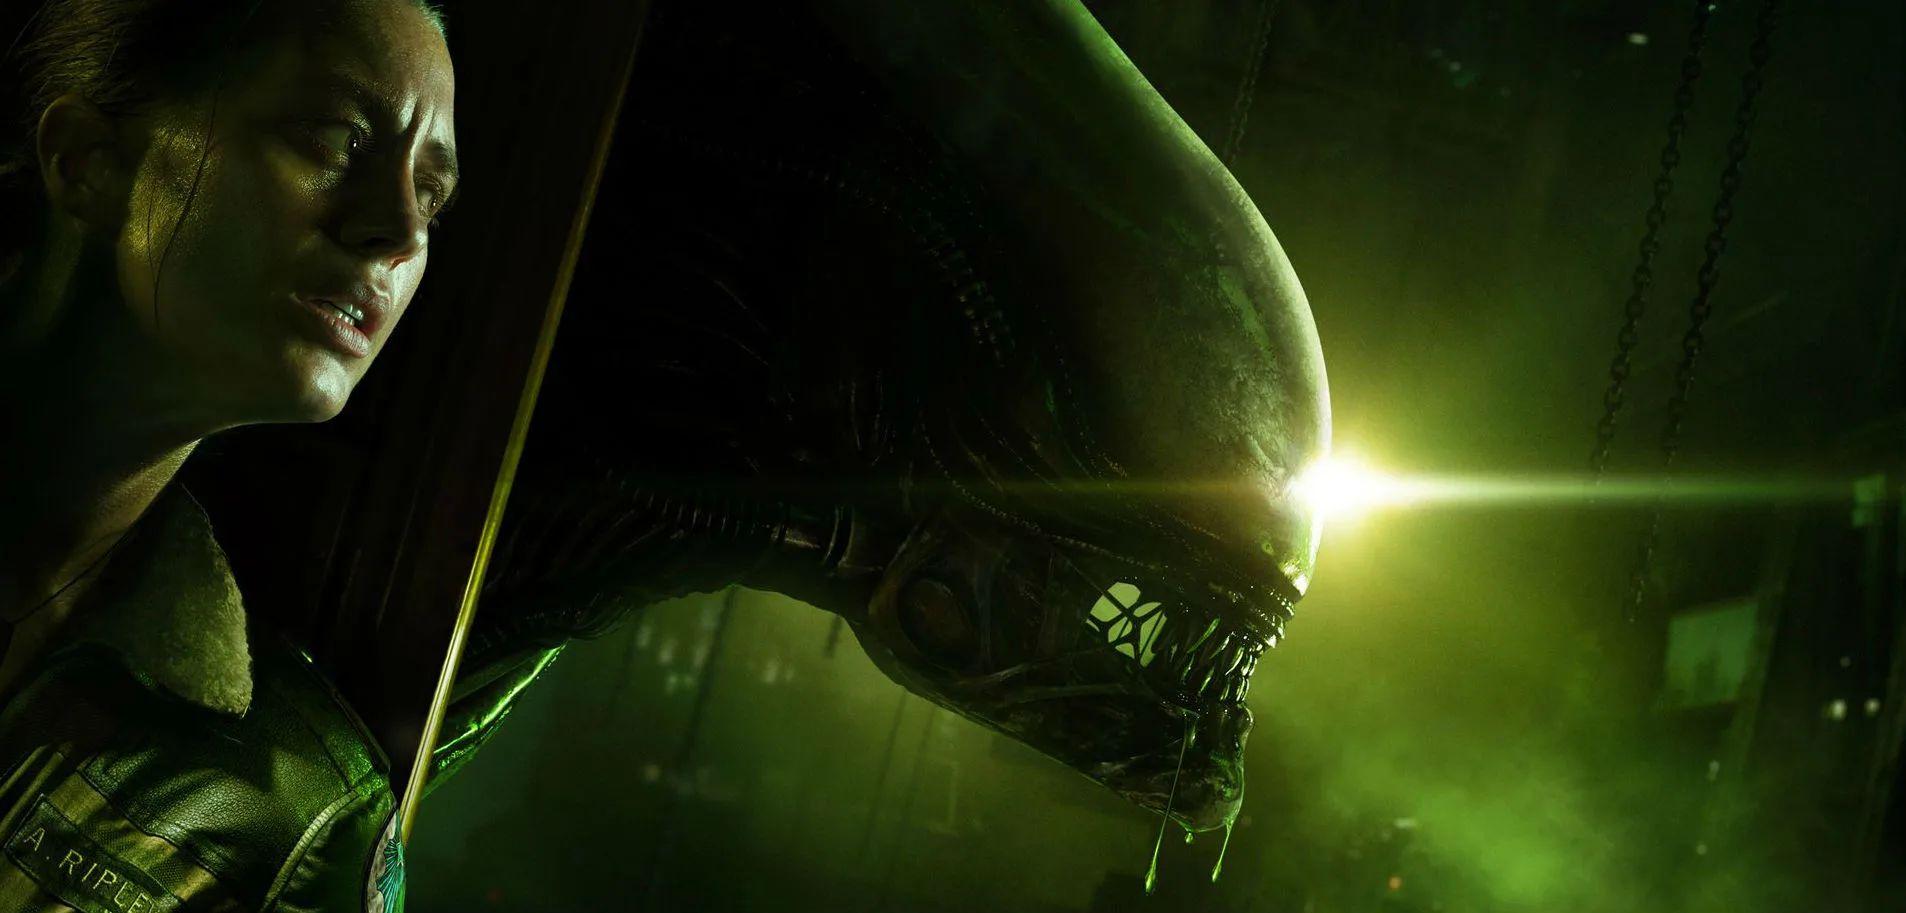 alien inside ripley - HD1906×913